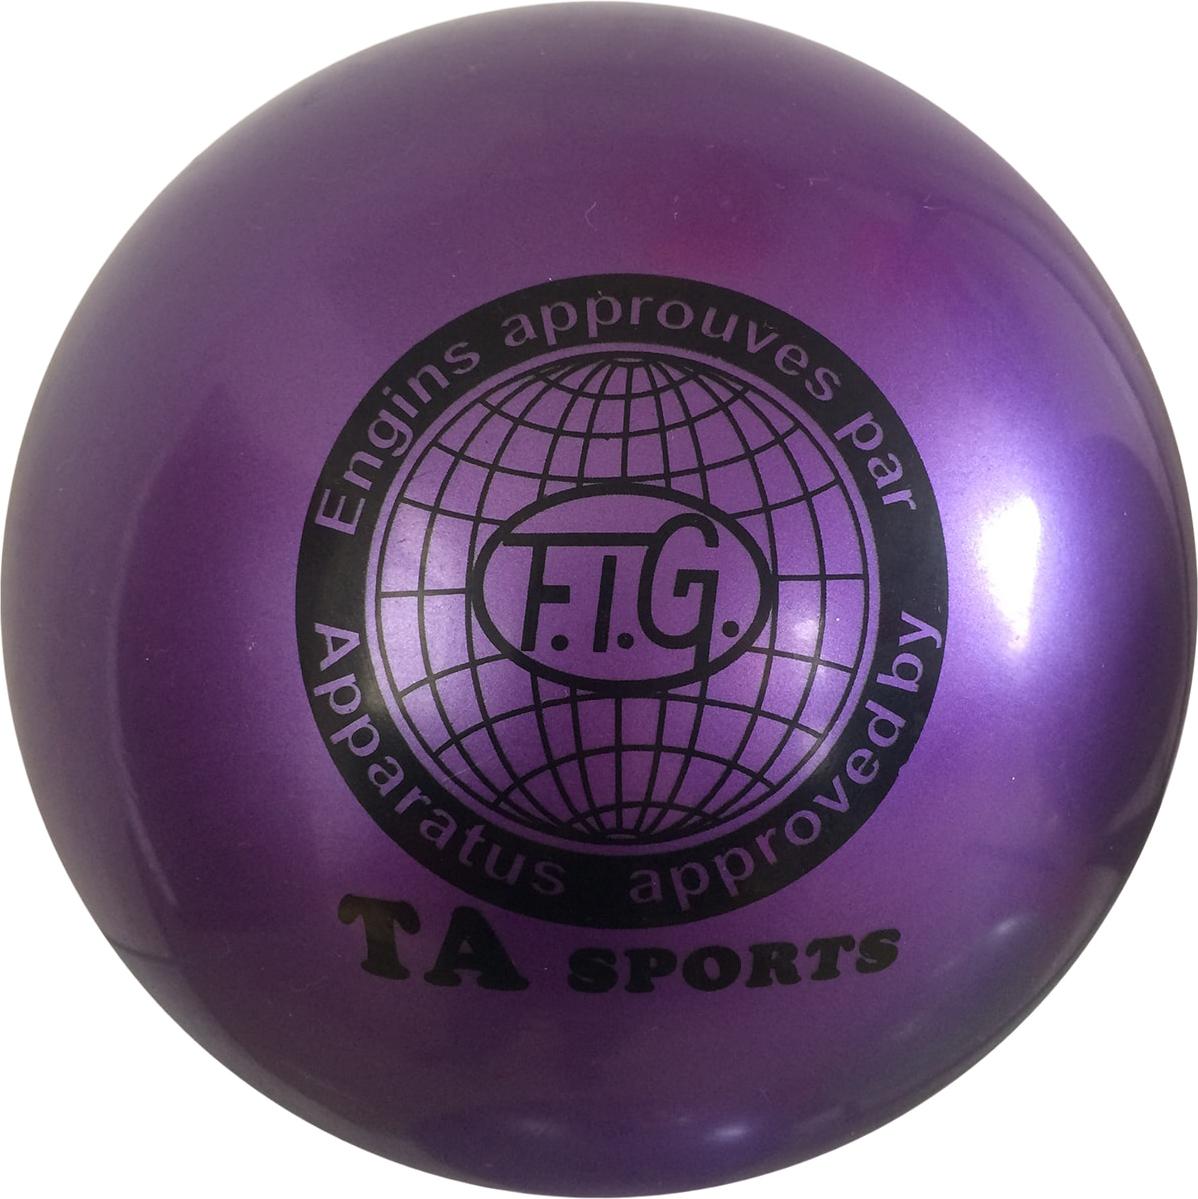 Мяч для художественной гимнастики TA-Sport RGB-101, цвет: фиолетовый, диаметр 19 см ортопедический мяч для гимнастики в курске